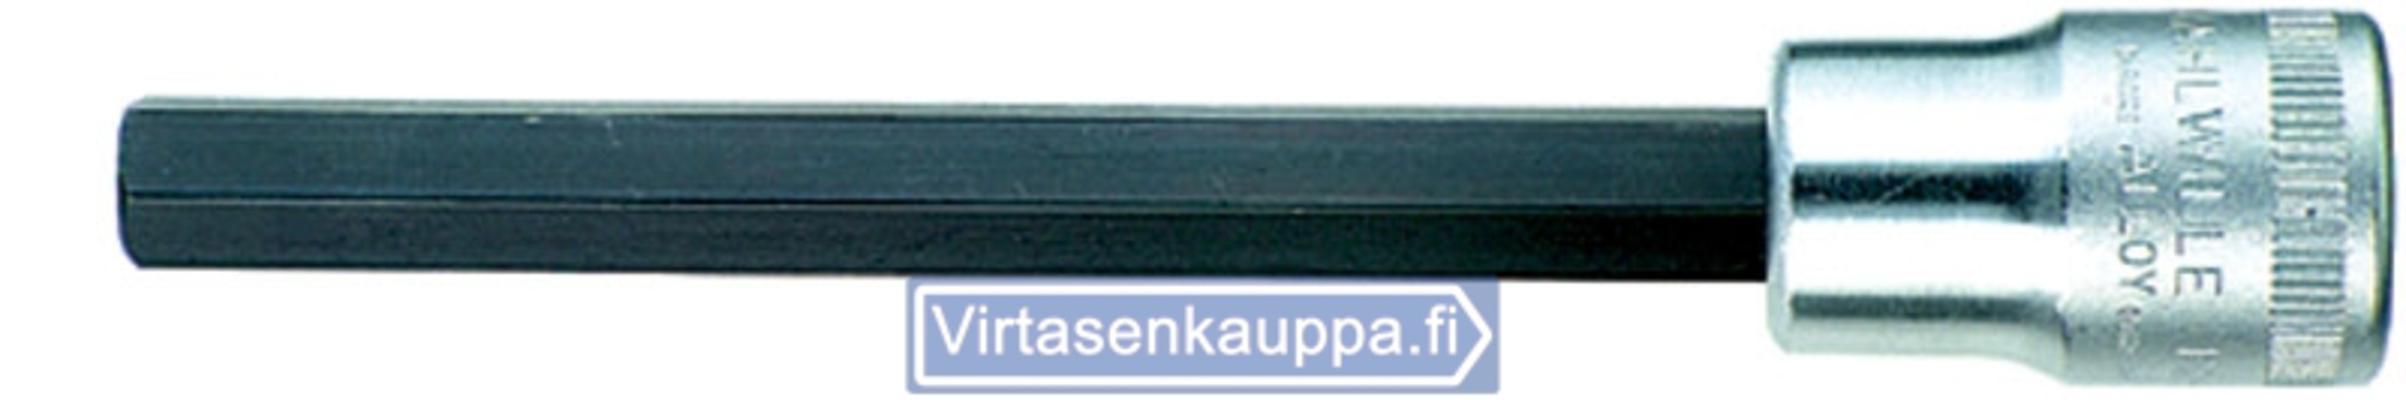 """Kuusiokolohylsyavain 1/2"""", Stahlwille - Inhex-hylsyavain 5 mm, pituus 120 mm"""